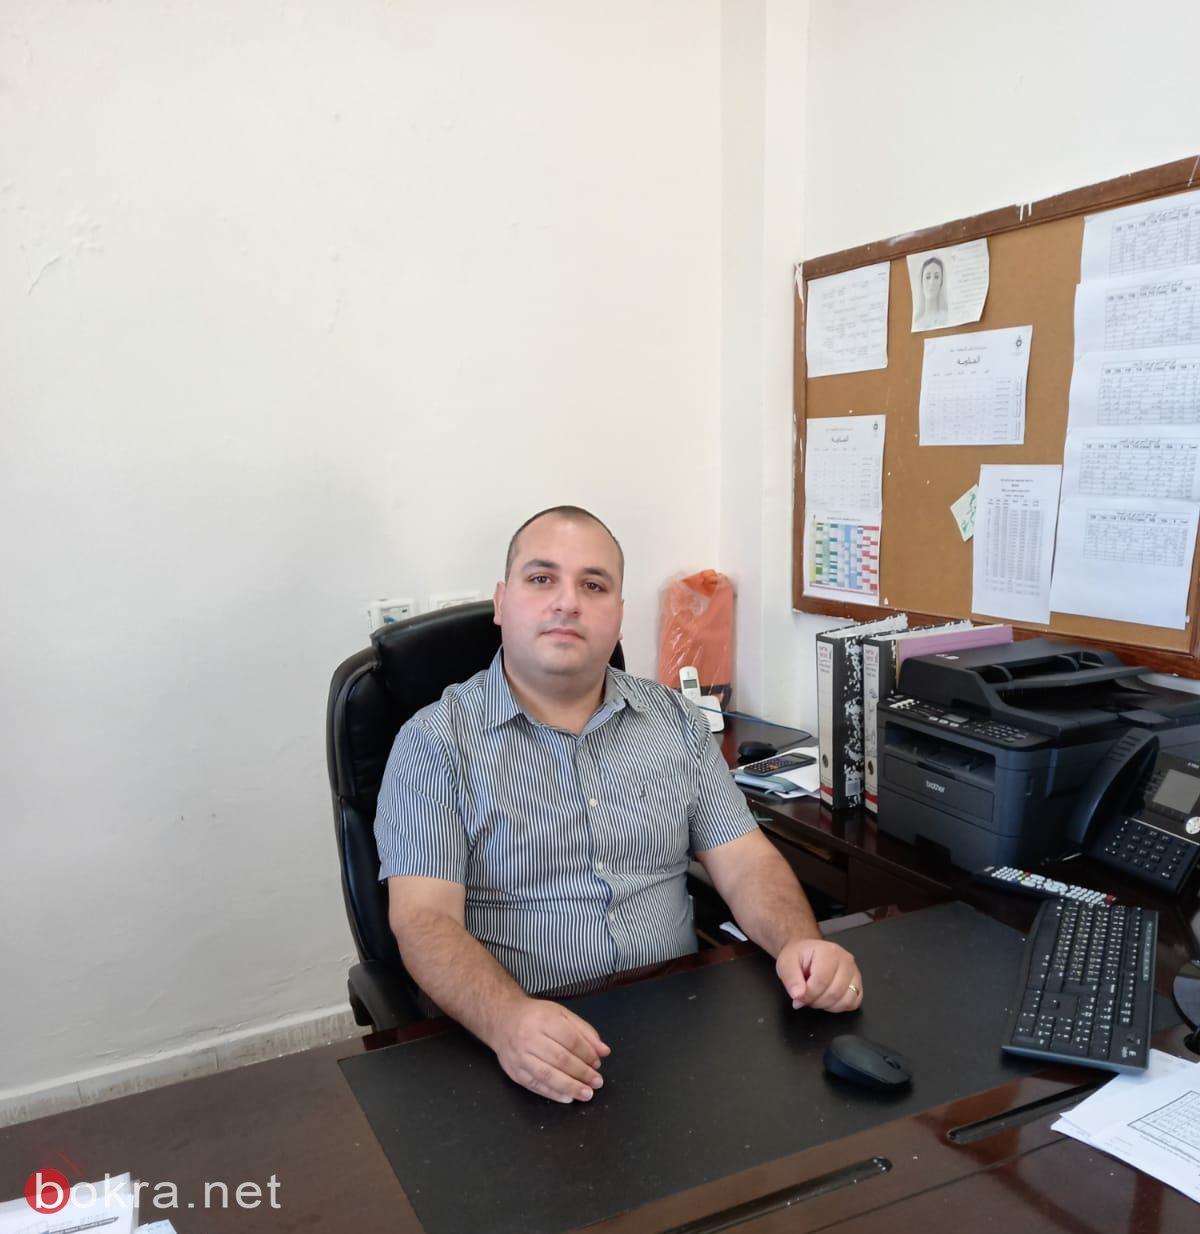 ترشيحا: شربل اندراوس (32 سنة) مدير مدرسة مار الياس الأسقفية في حيفا يقودها لإنجاز مُشرف